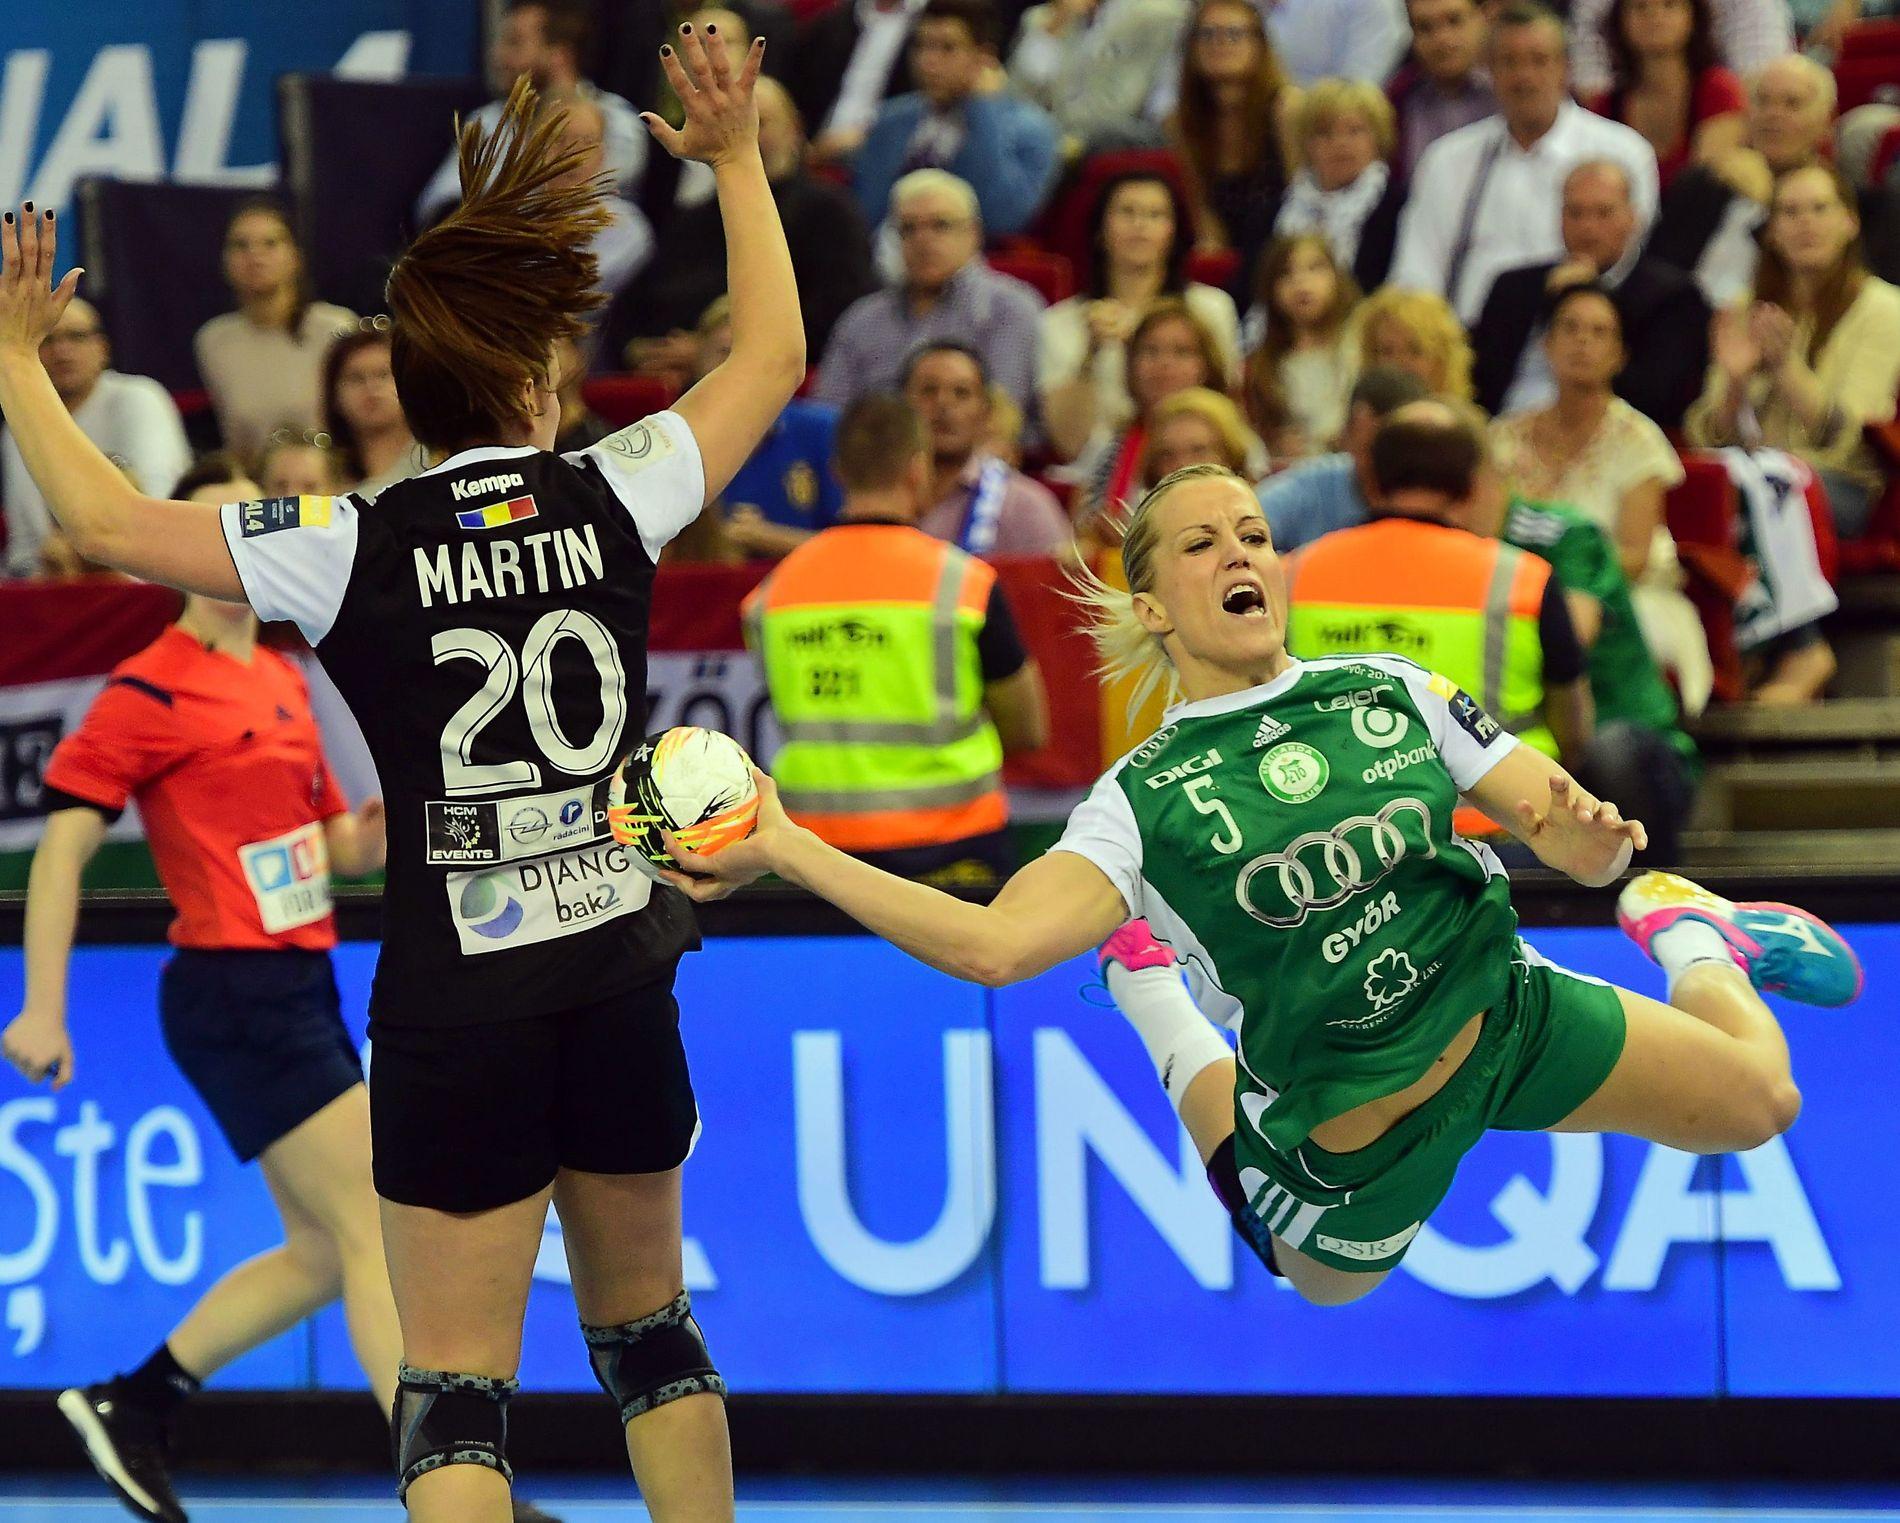 LØKE SVEVDE: Heidi Løke dominerte Champions League-finalen fra sin plass på streken. Her passerer hun Bucurestis Carmen Martin.